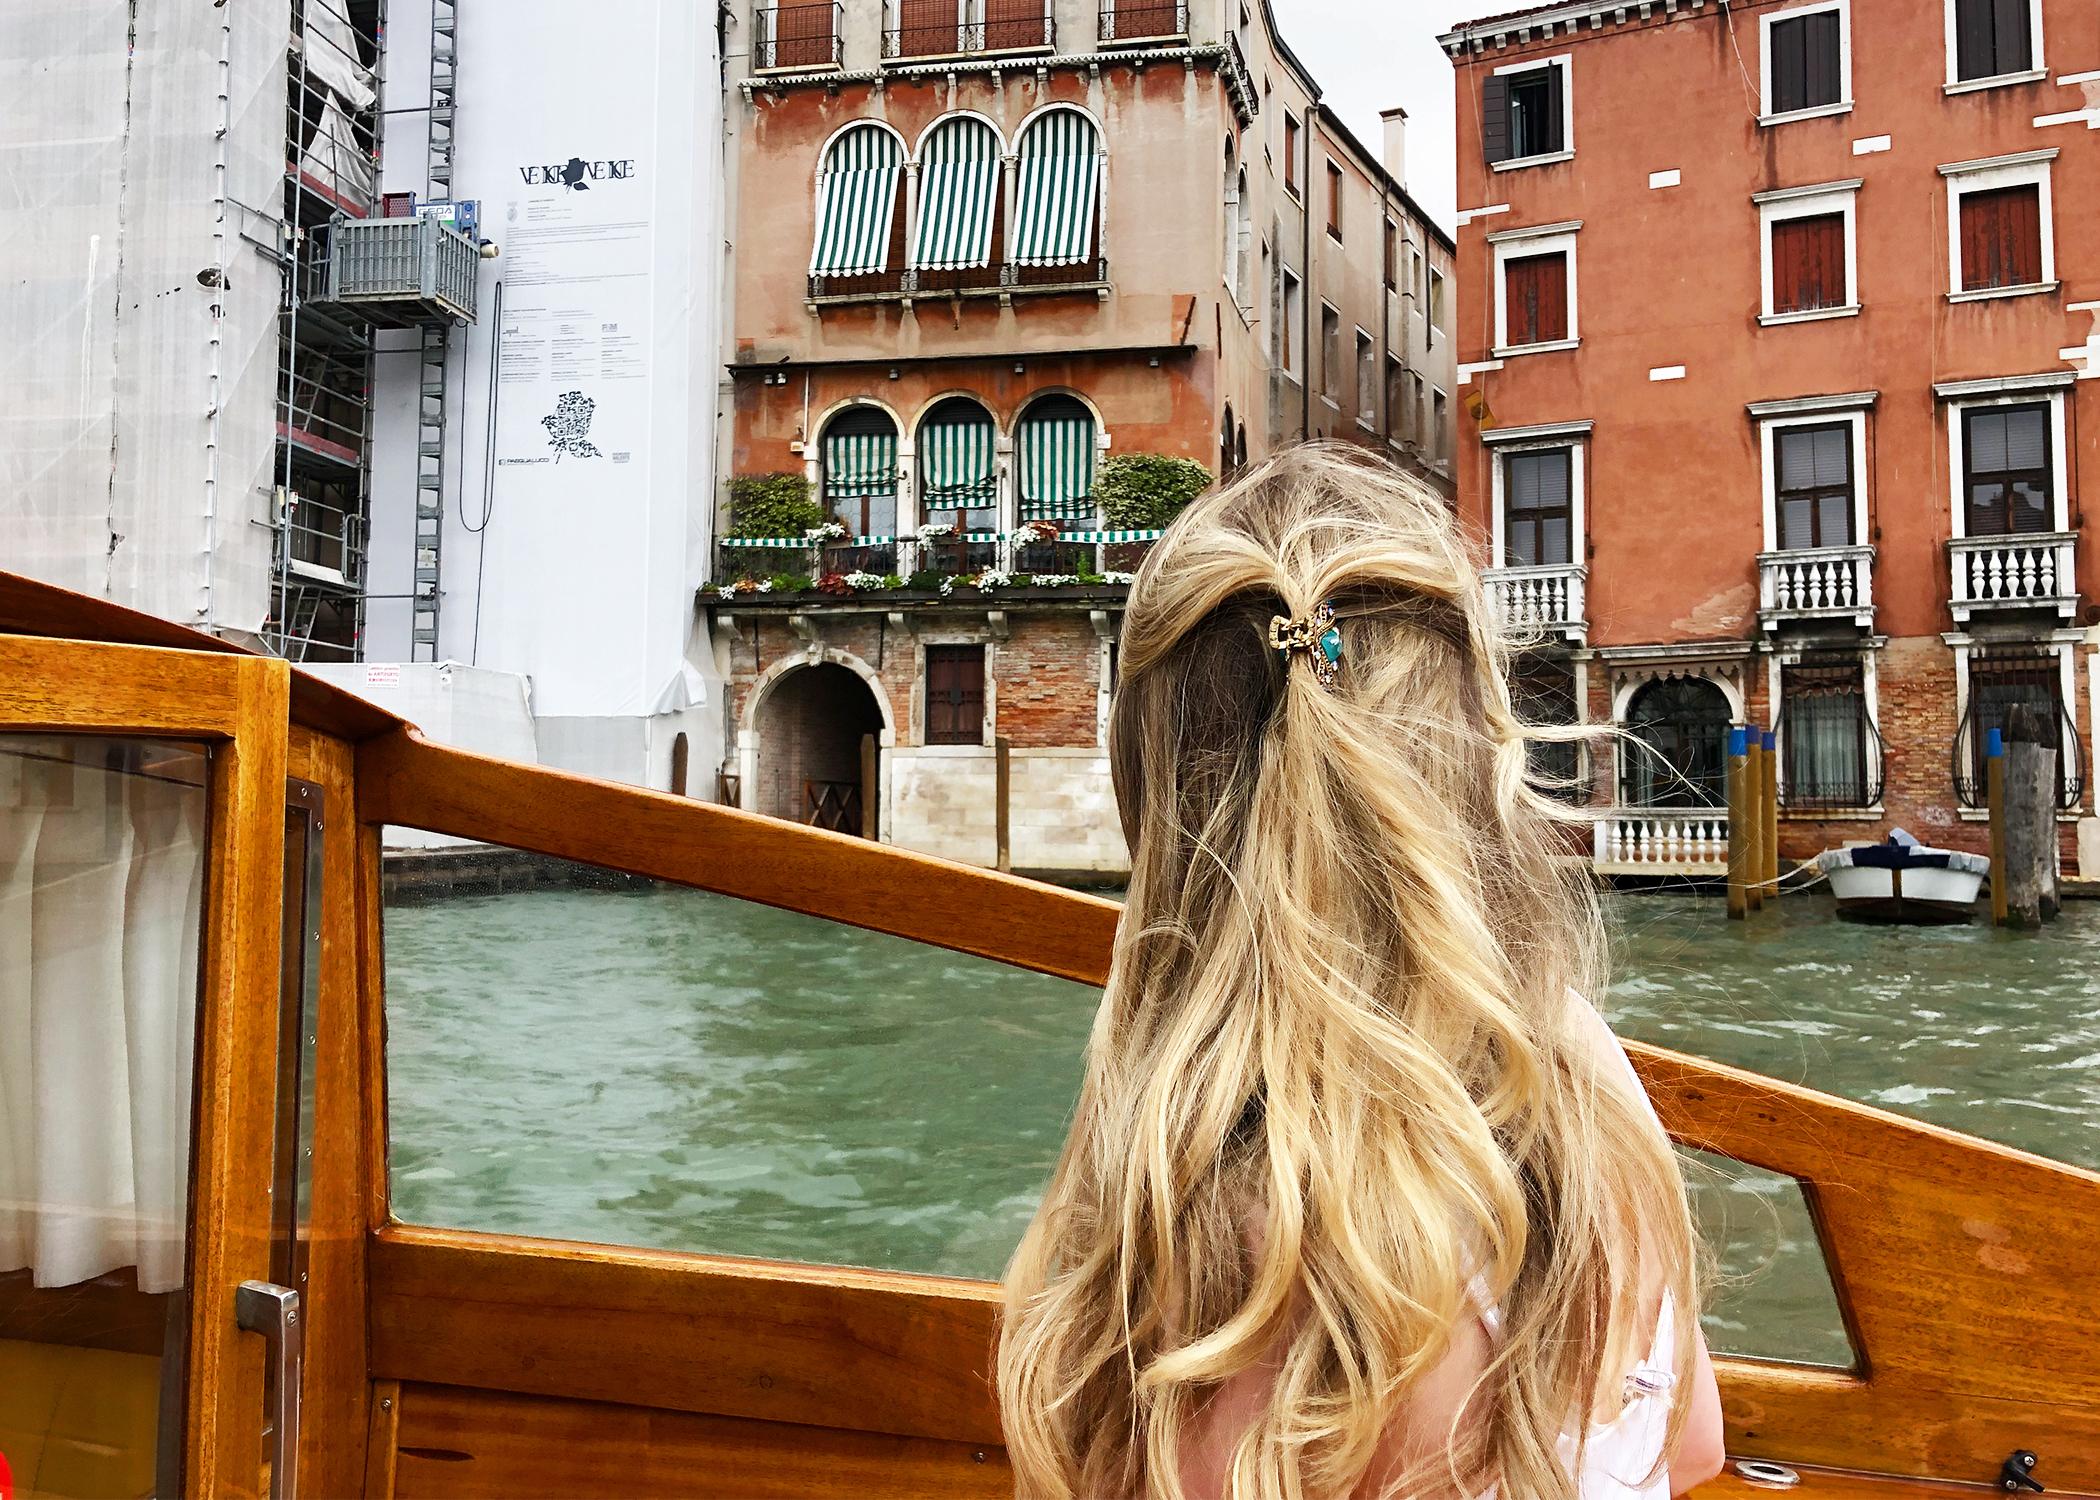 veniceboat.jpg